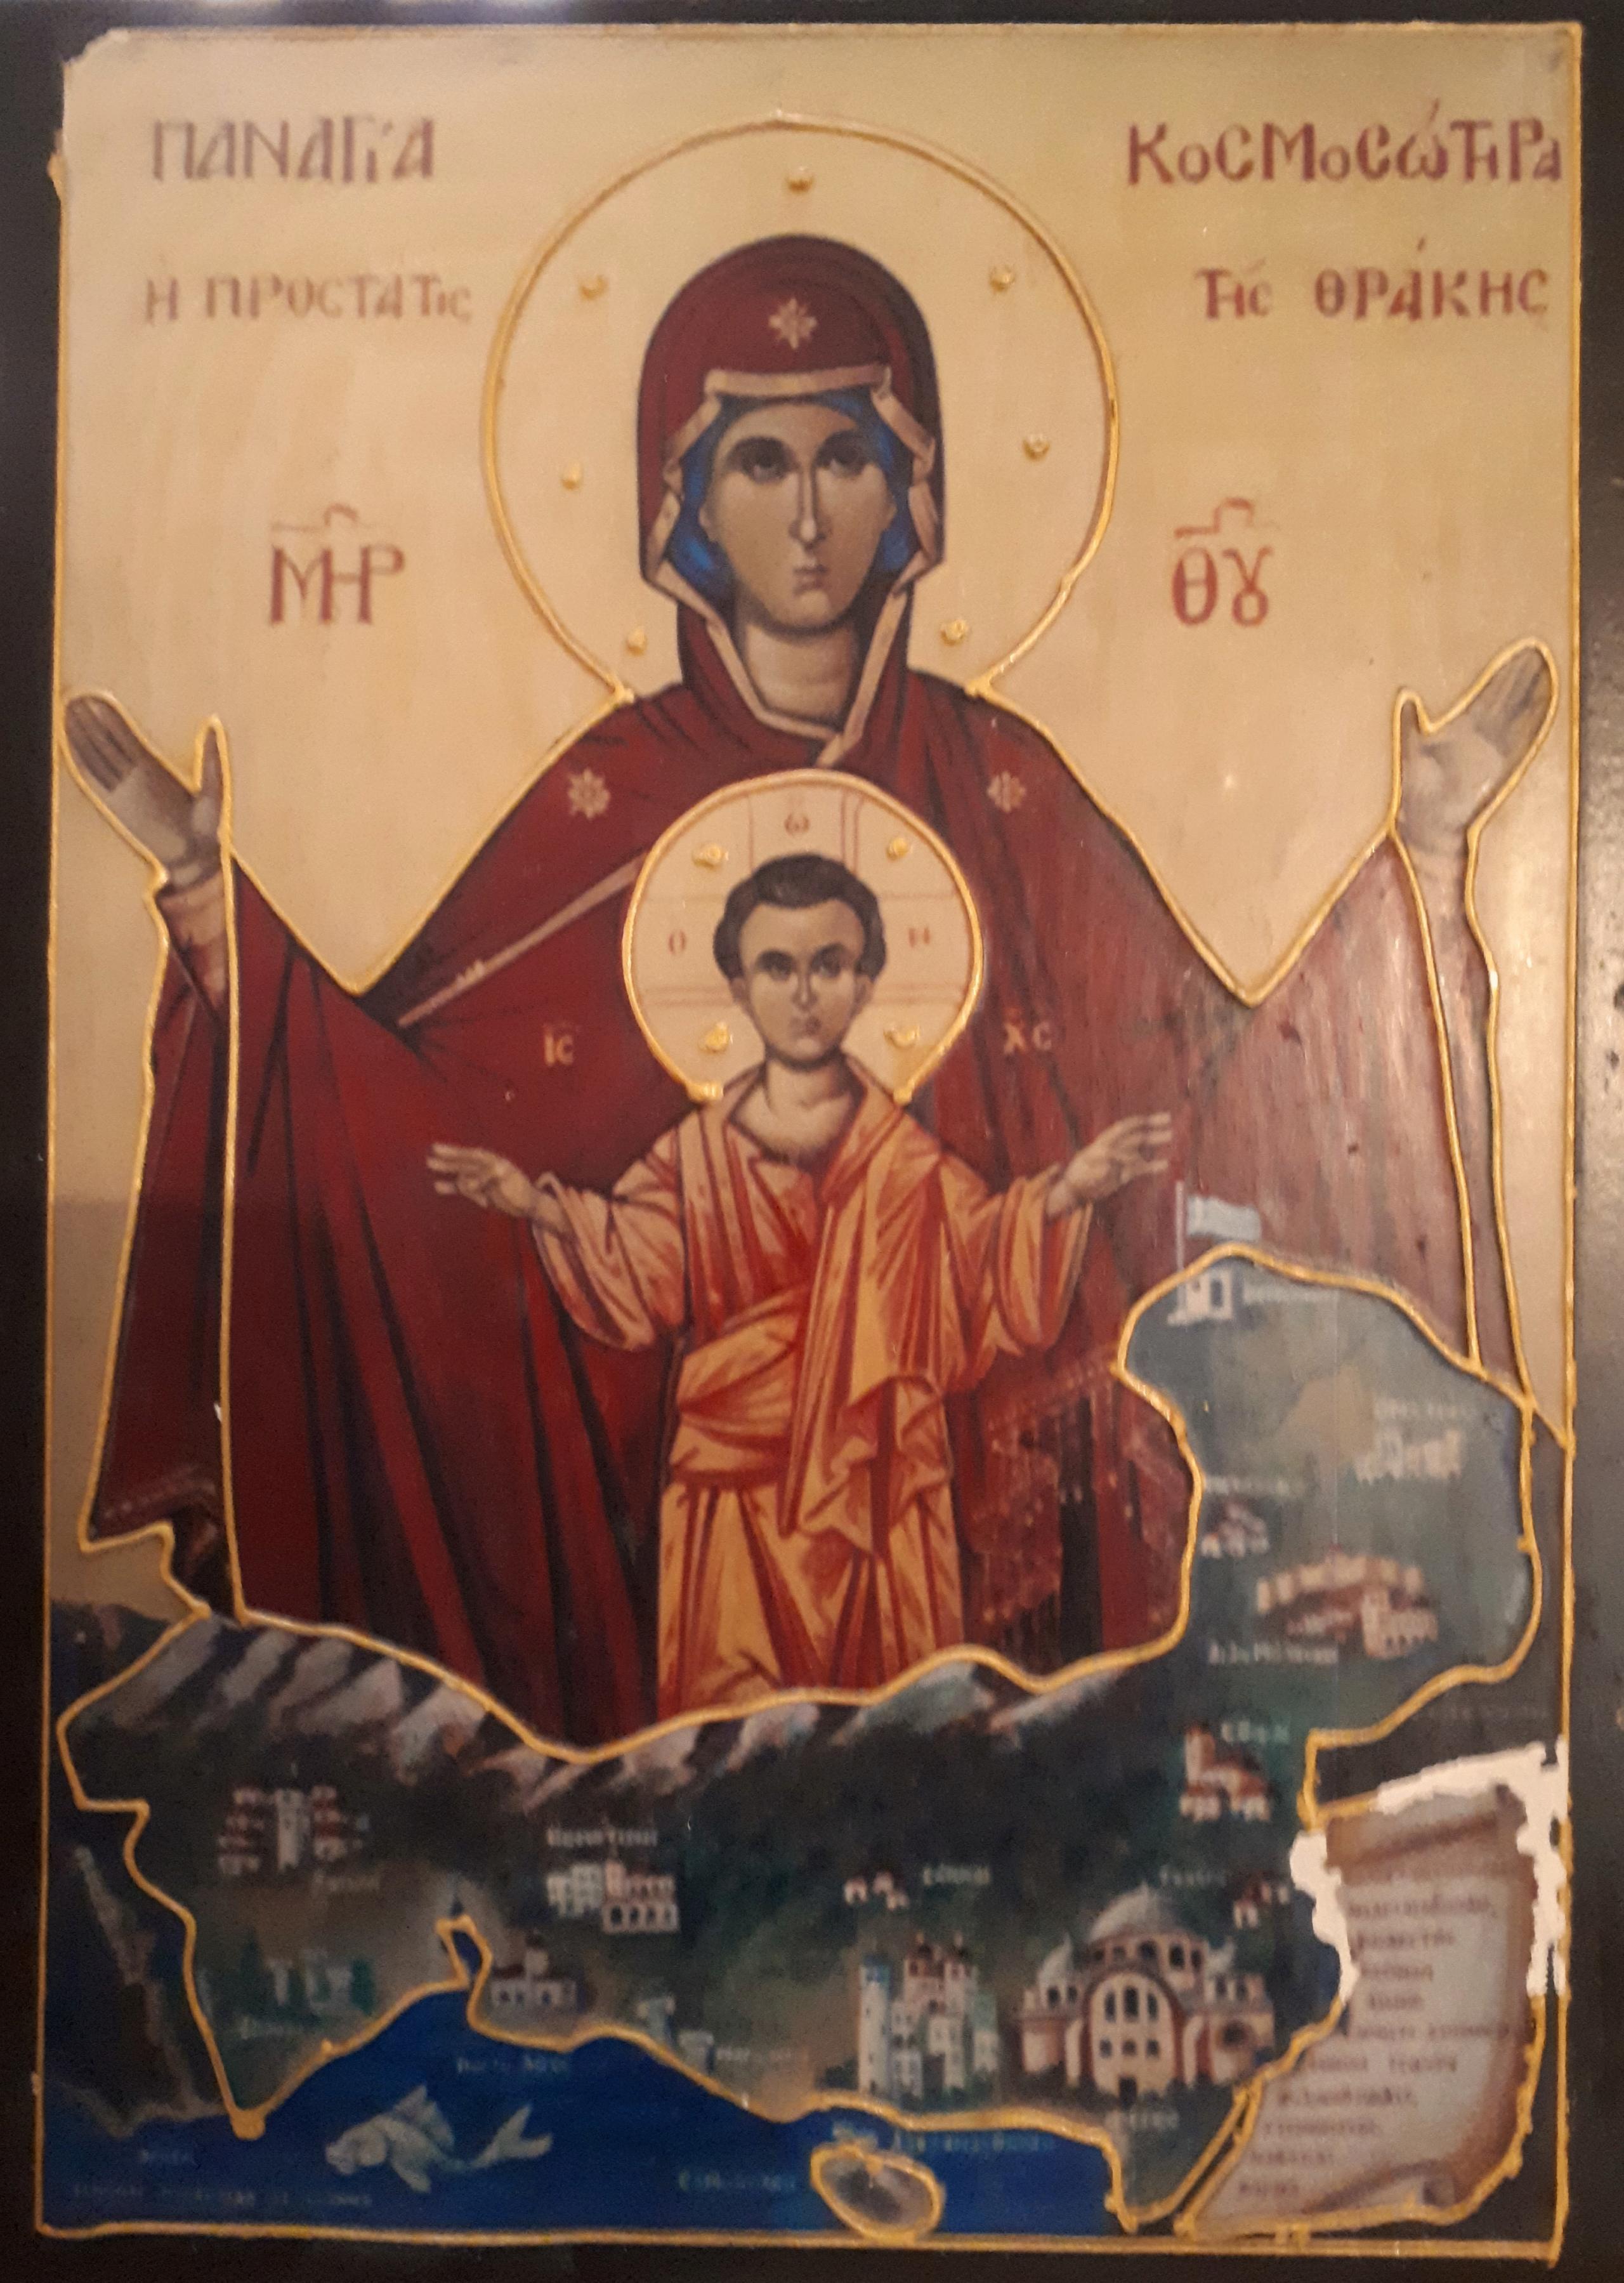 Παρακλητικός Κανών εις την Παναγία την Κοσμοσώτειρα Kosmos12